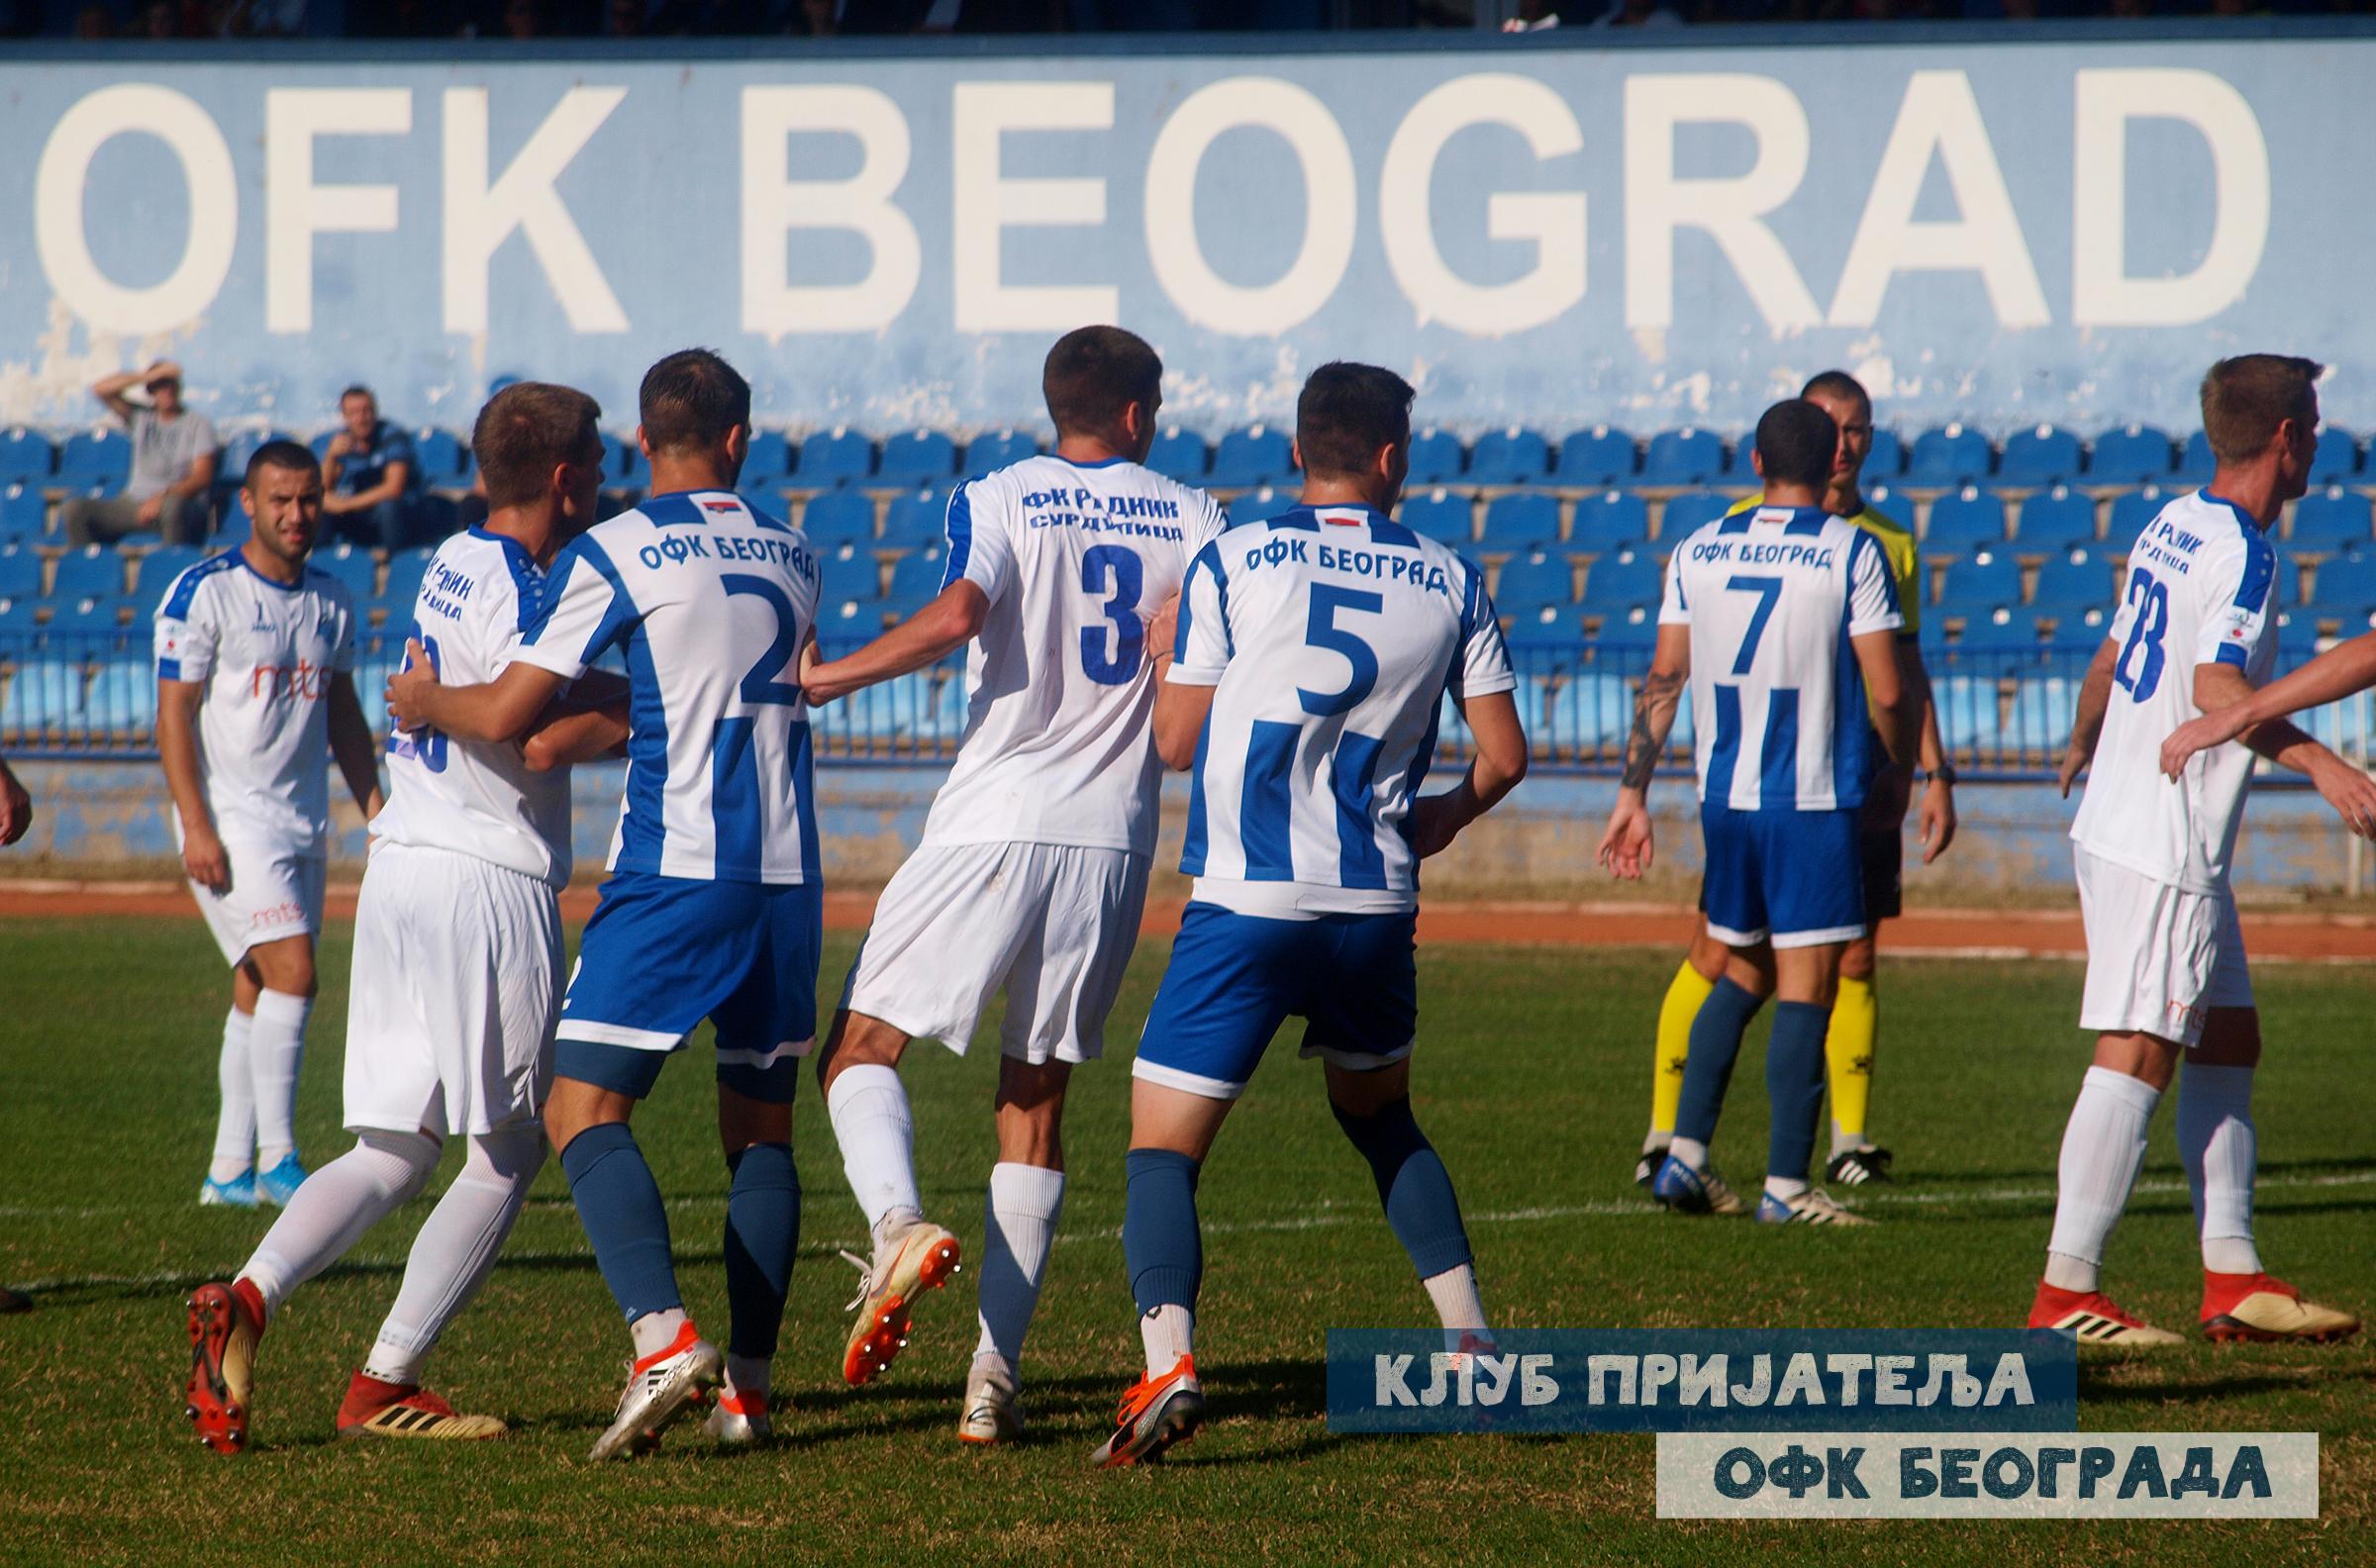 ОФК Београд завршио такмичење у купу ФСС. Пораз од Радника 1-2 (1-1)